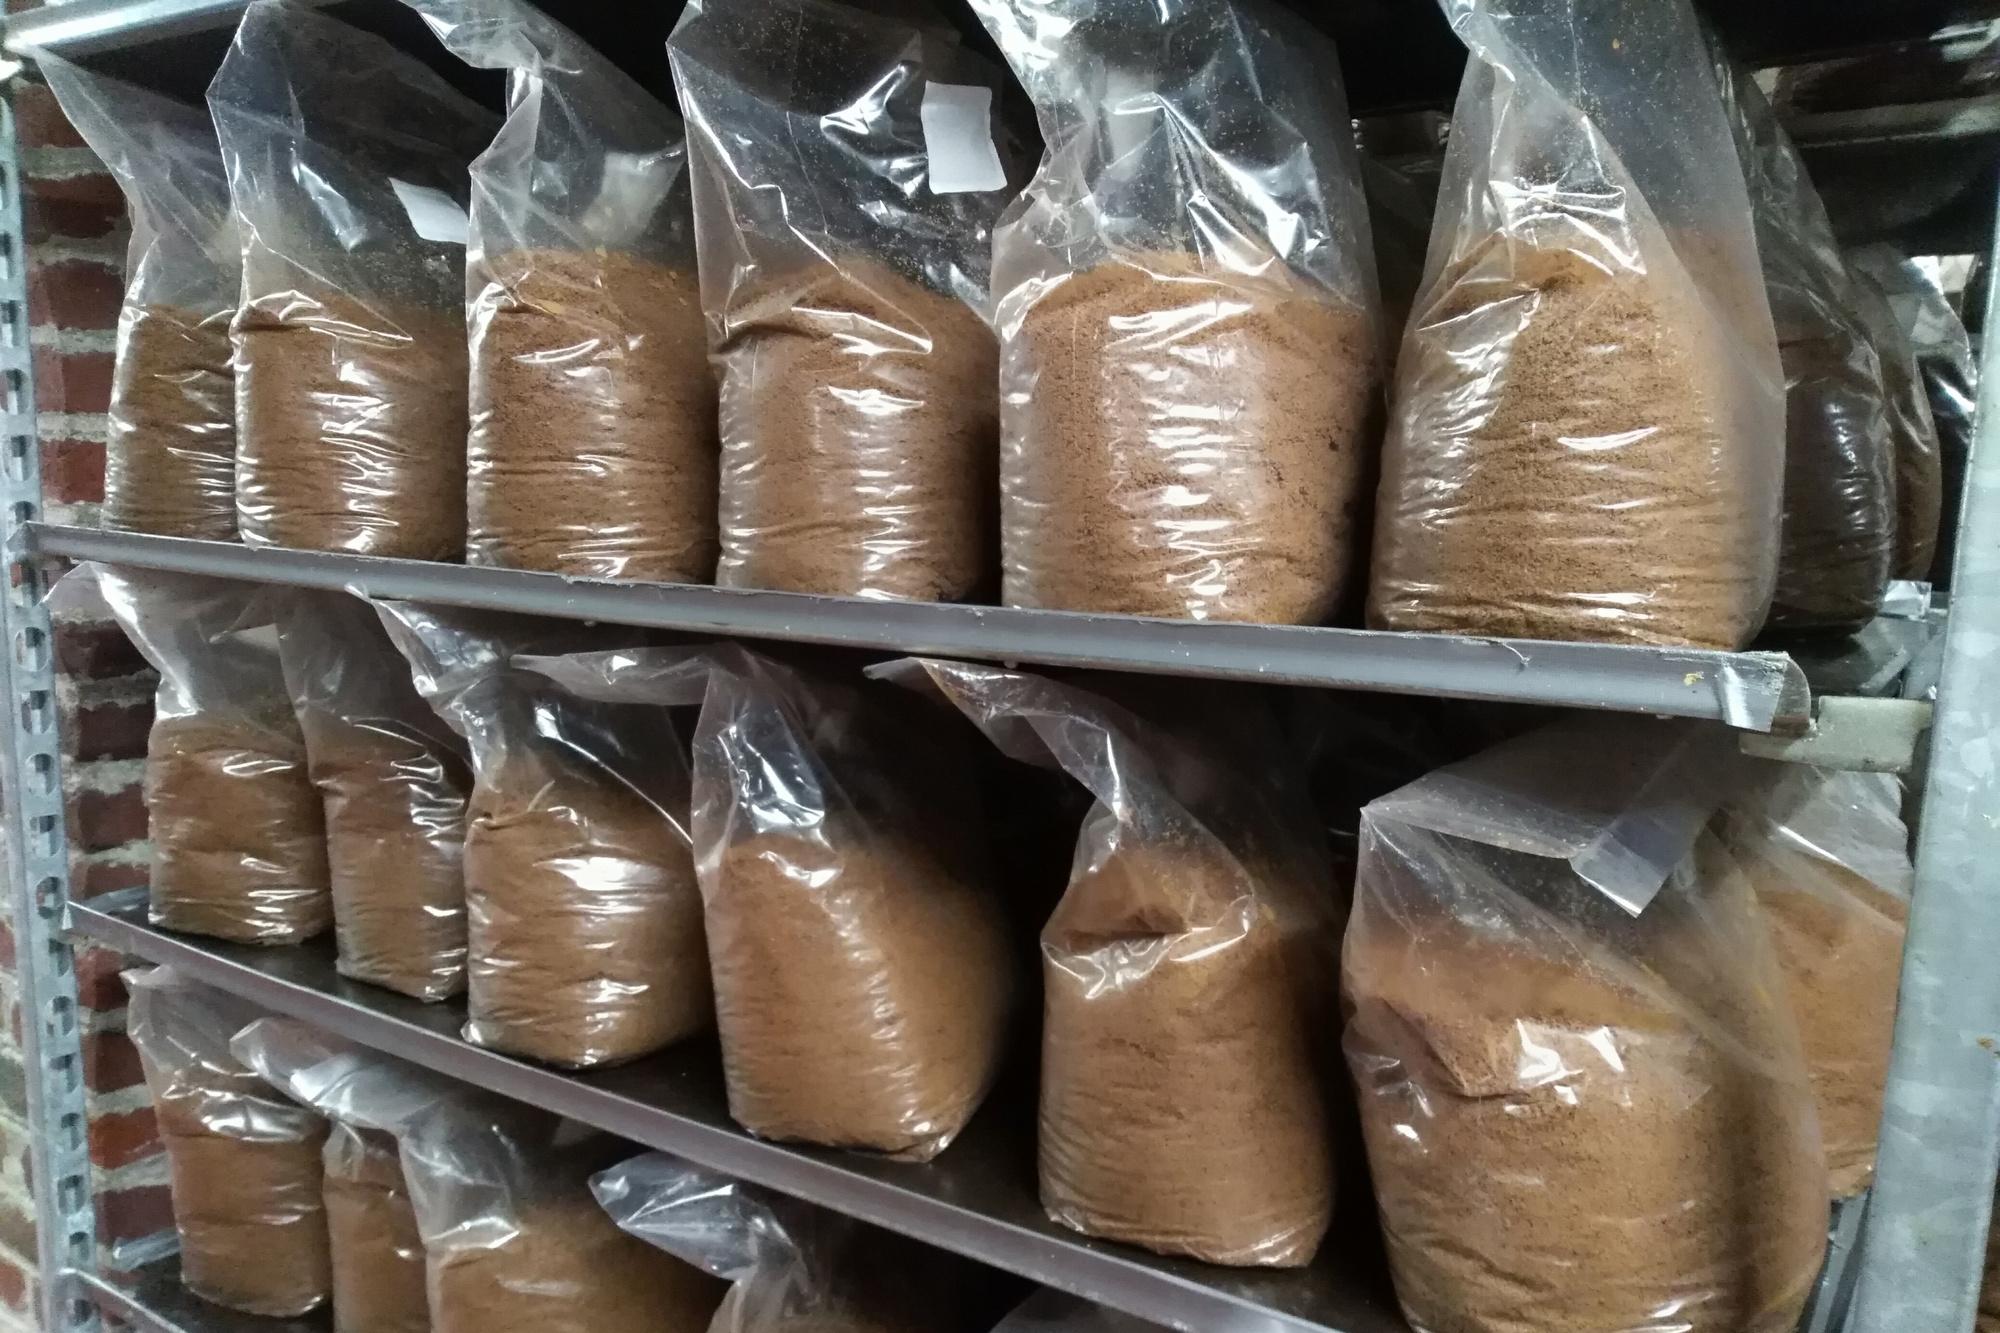 Le mycélium des shiitakés va se propager à travers le mélange de céréales pendant deux à trois mois., Stagiaire Le Vif